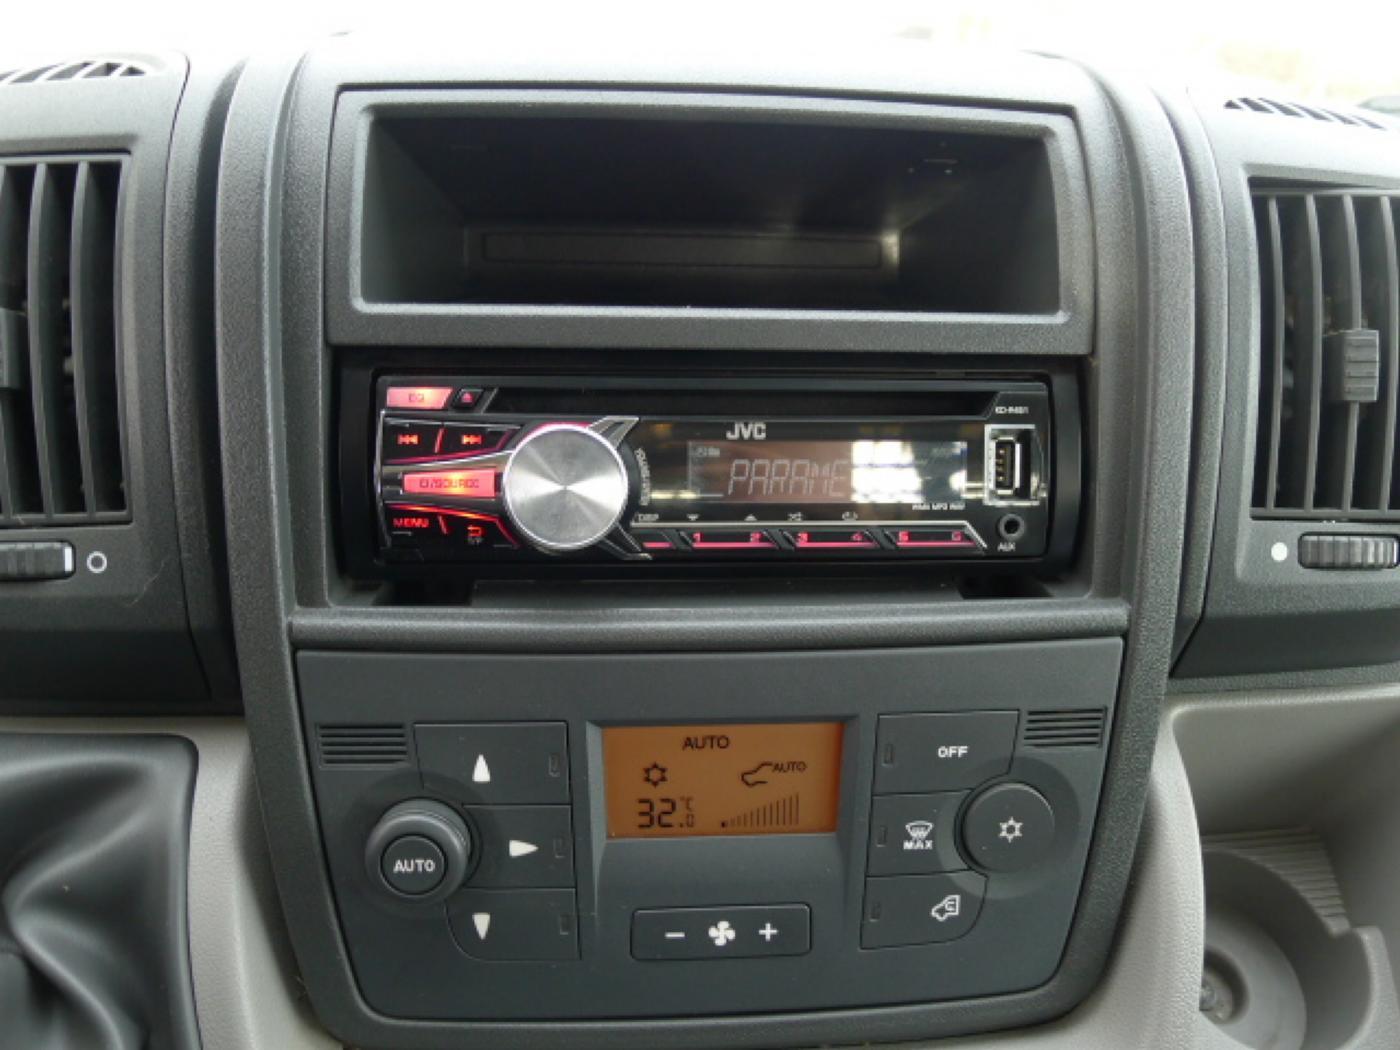 Peugeot Boxer 2,2 HDI valník + klima Akce!!! - 9